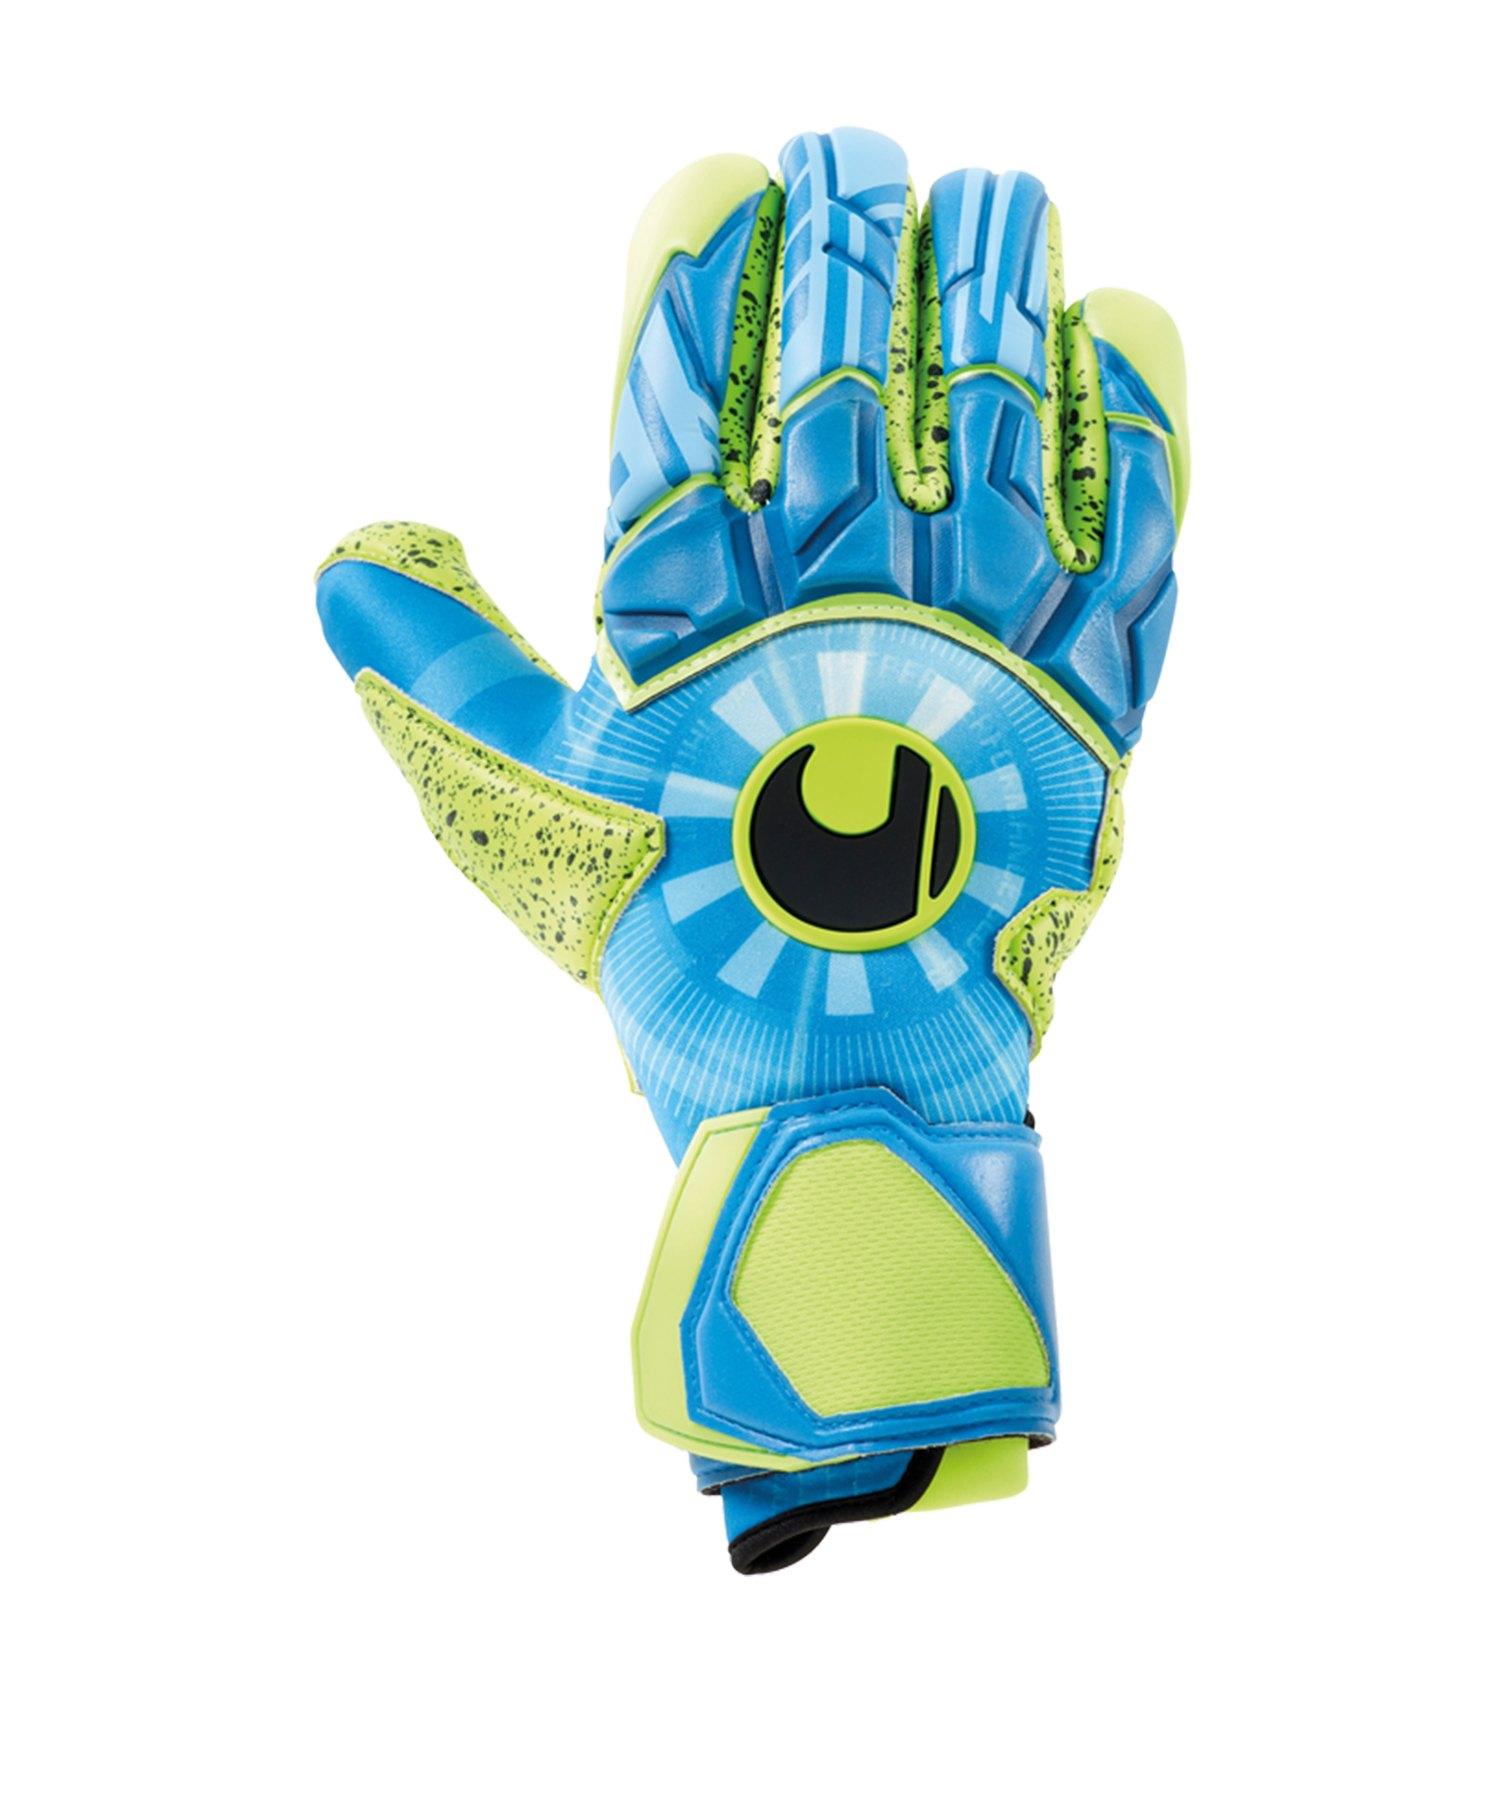 Uhlsport Radar Control Supergrip FS Handschuh F01 - Blau